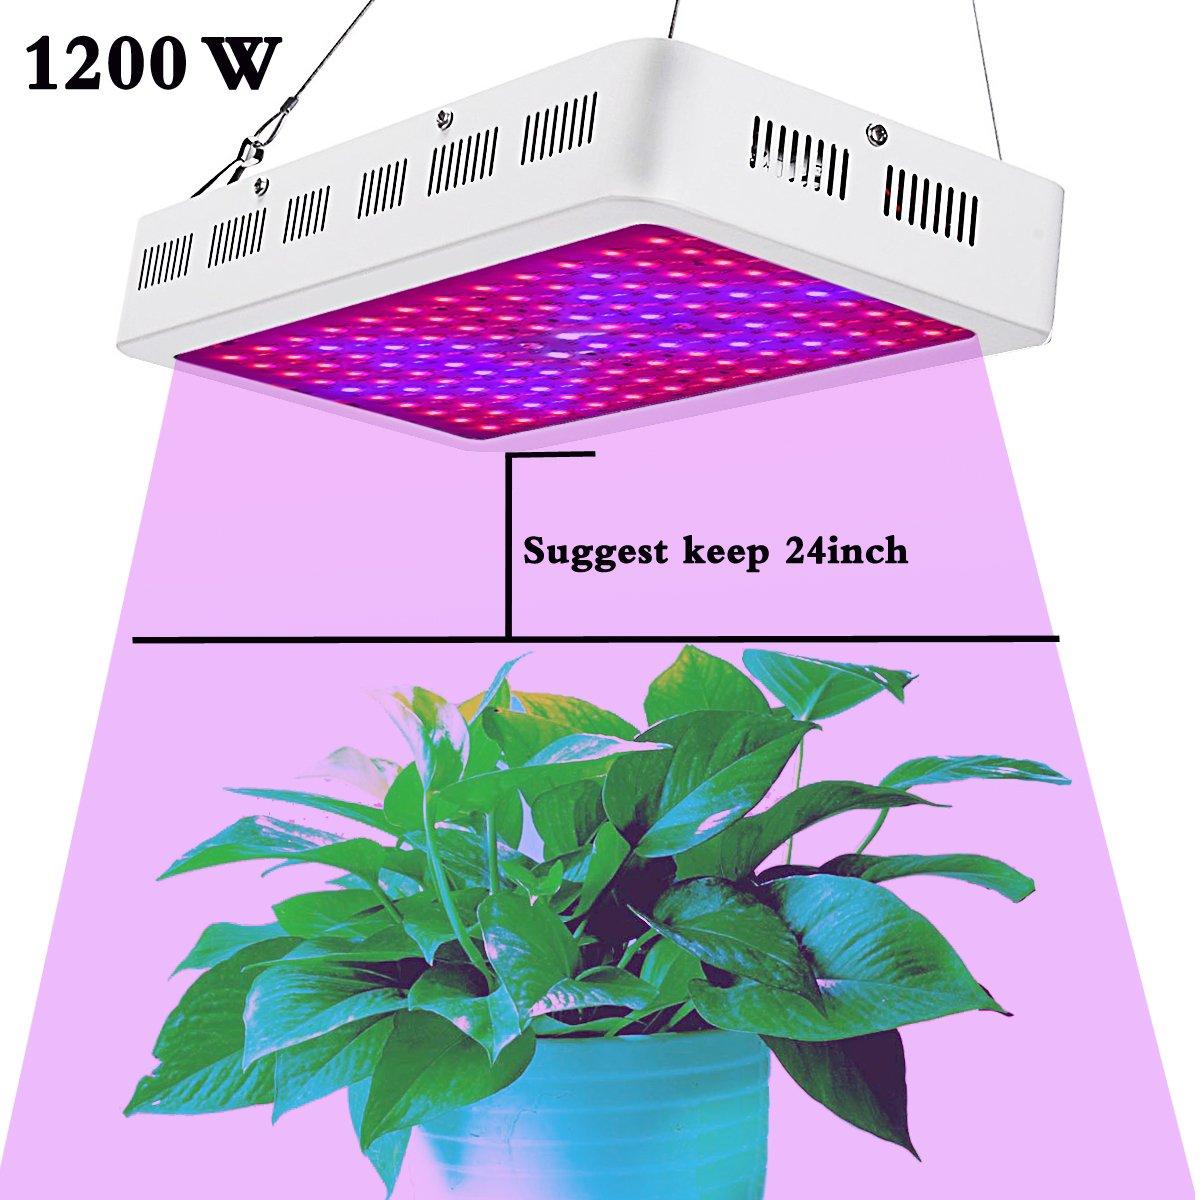 HollandStar LED Grow Light Full Spectrum 1000 Watt/1200W for Indoor Plants Veg and Flower (1200W)